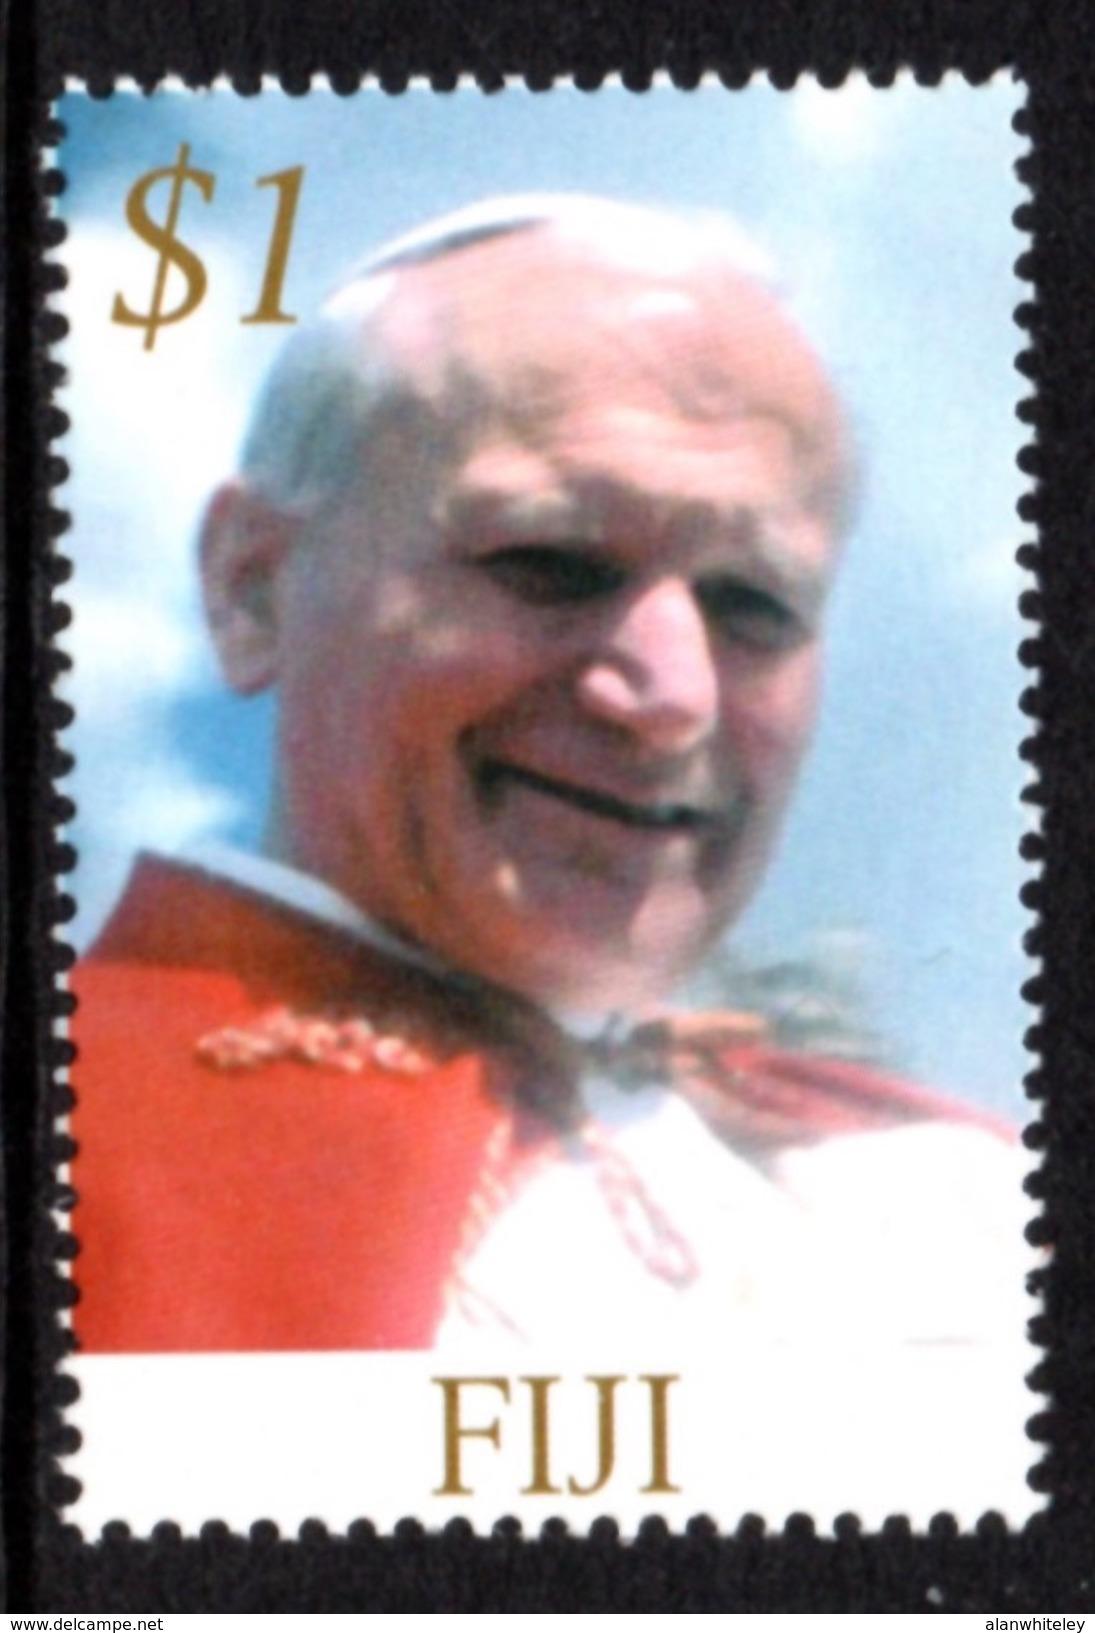 FIJI 2005 Pope John Paul II Memoriam: Single Stamp UM/MNH - Fiji (1970-...)